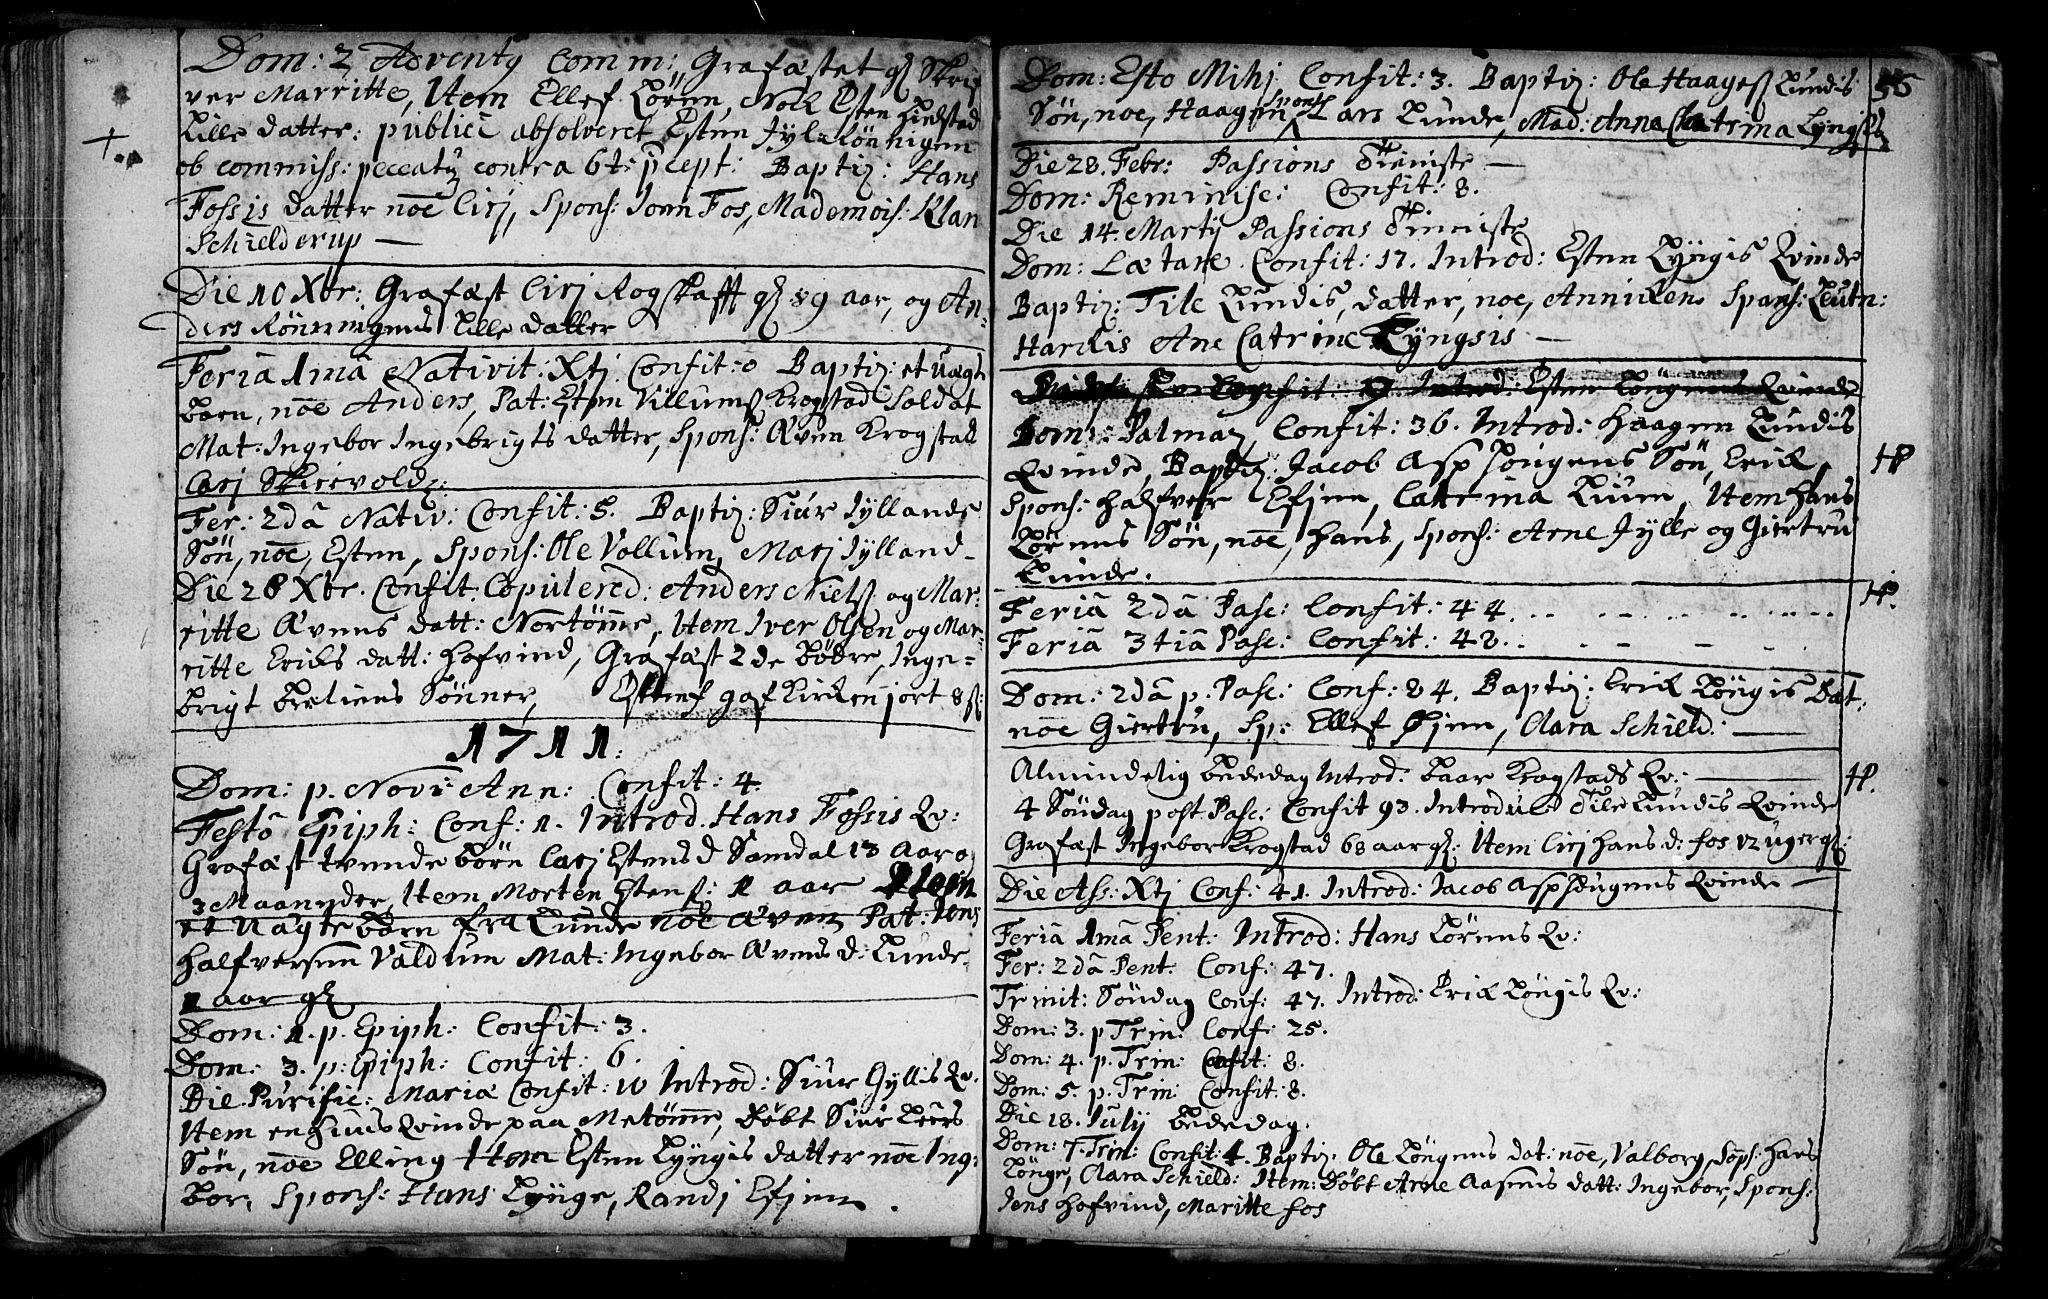 SAT, Ministerialprotokoller, klokkerbøker og fødselsregistre - Sør-Trøndelag, 692/L1101: Ministerialbok nr. 692A01, 1690-1746, s. 56